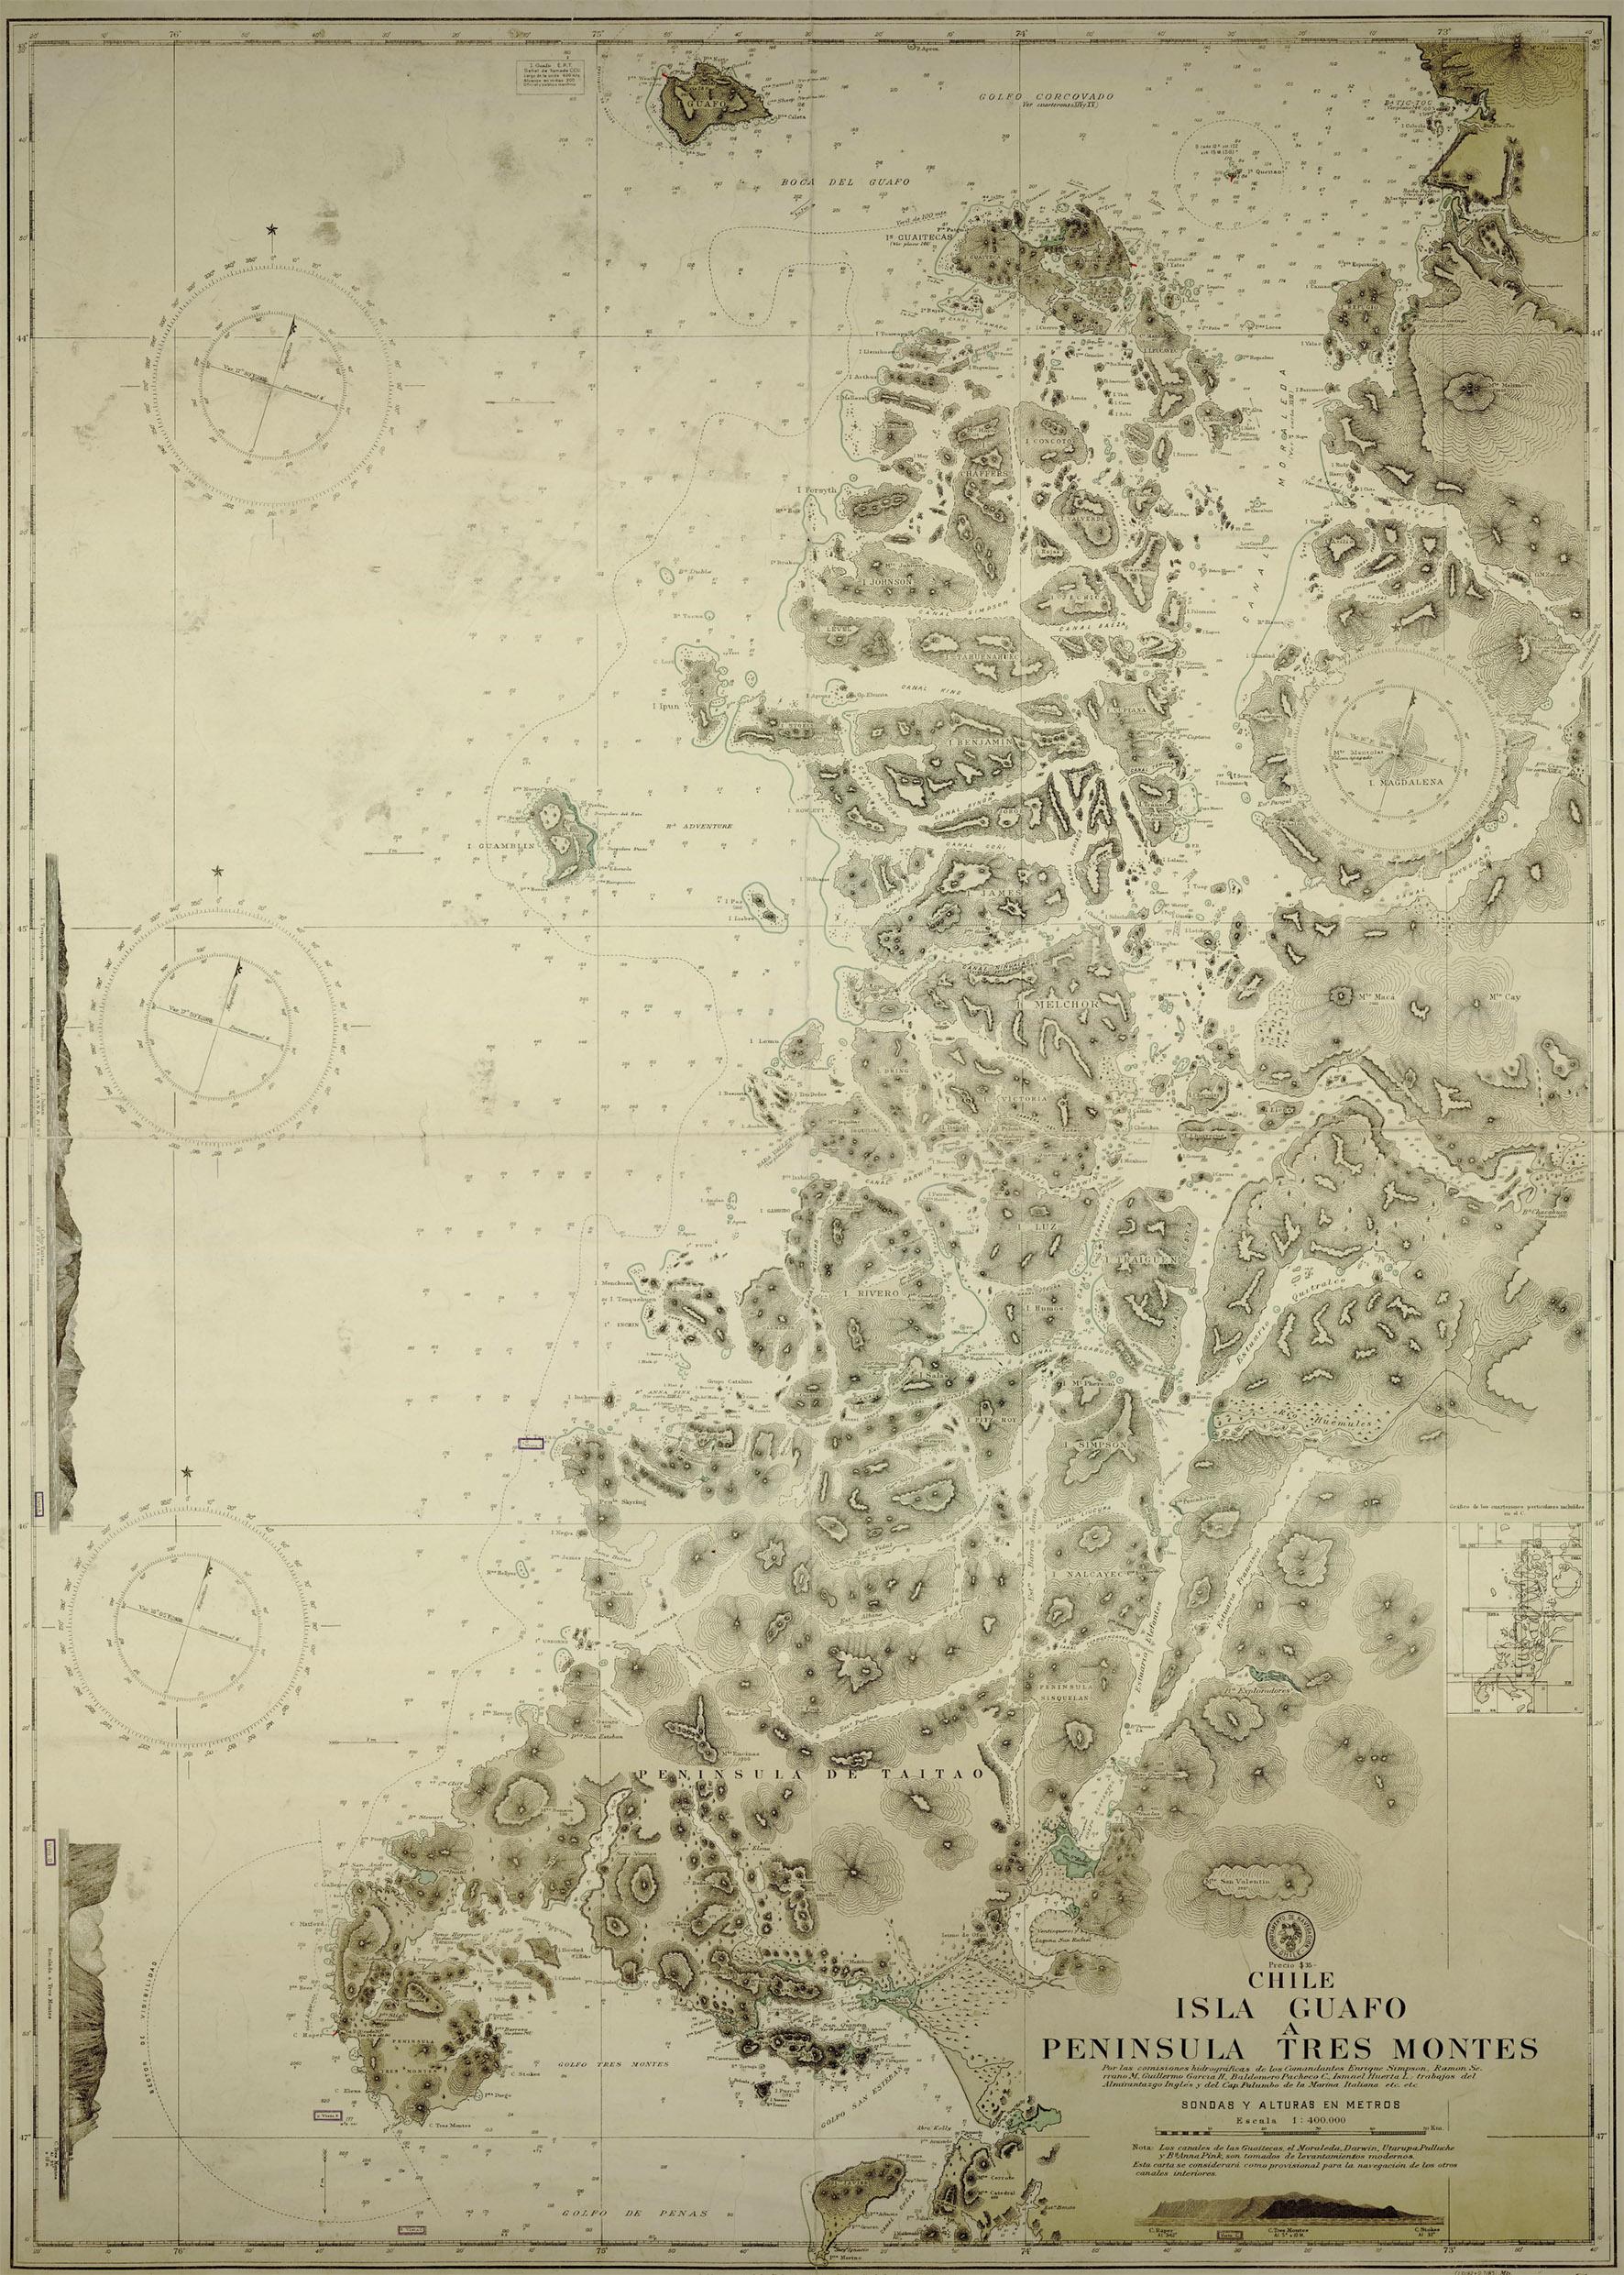 (5) Cartografía de las Comisiones Hidrográficas Armada de Chile, Comandante Simpson © Archivo Cartas Náuticas, Biblioteca Nacional de Chile.jpg